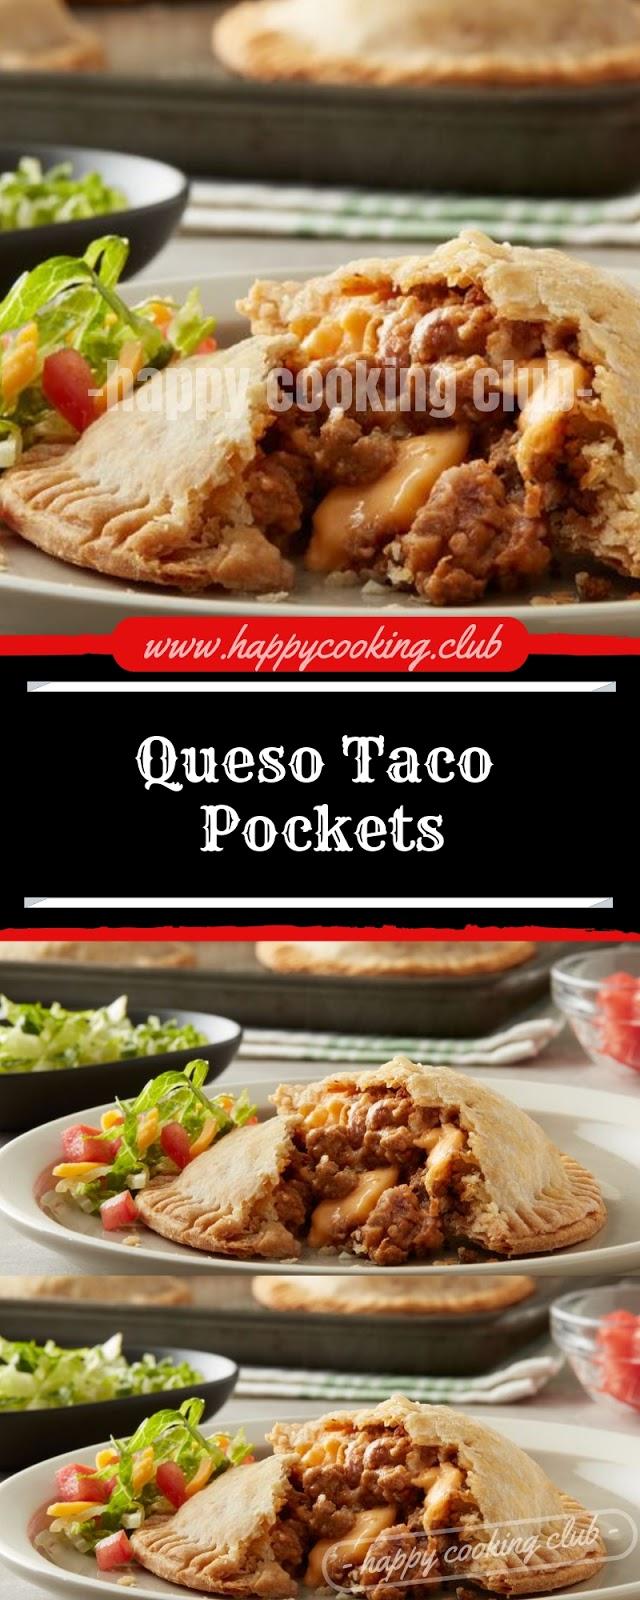 Queso Taco Pockets